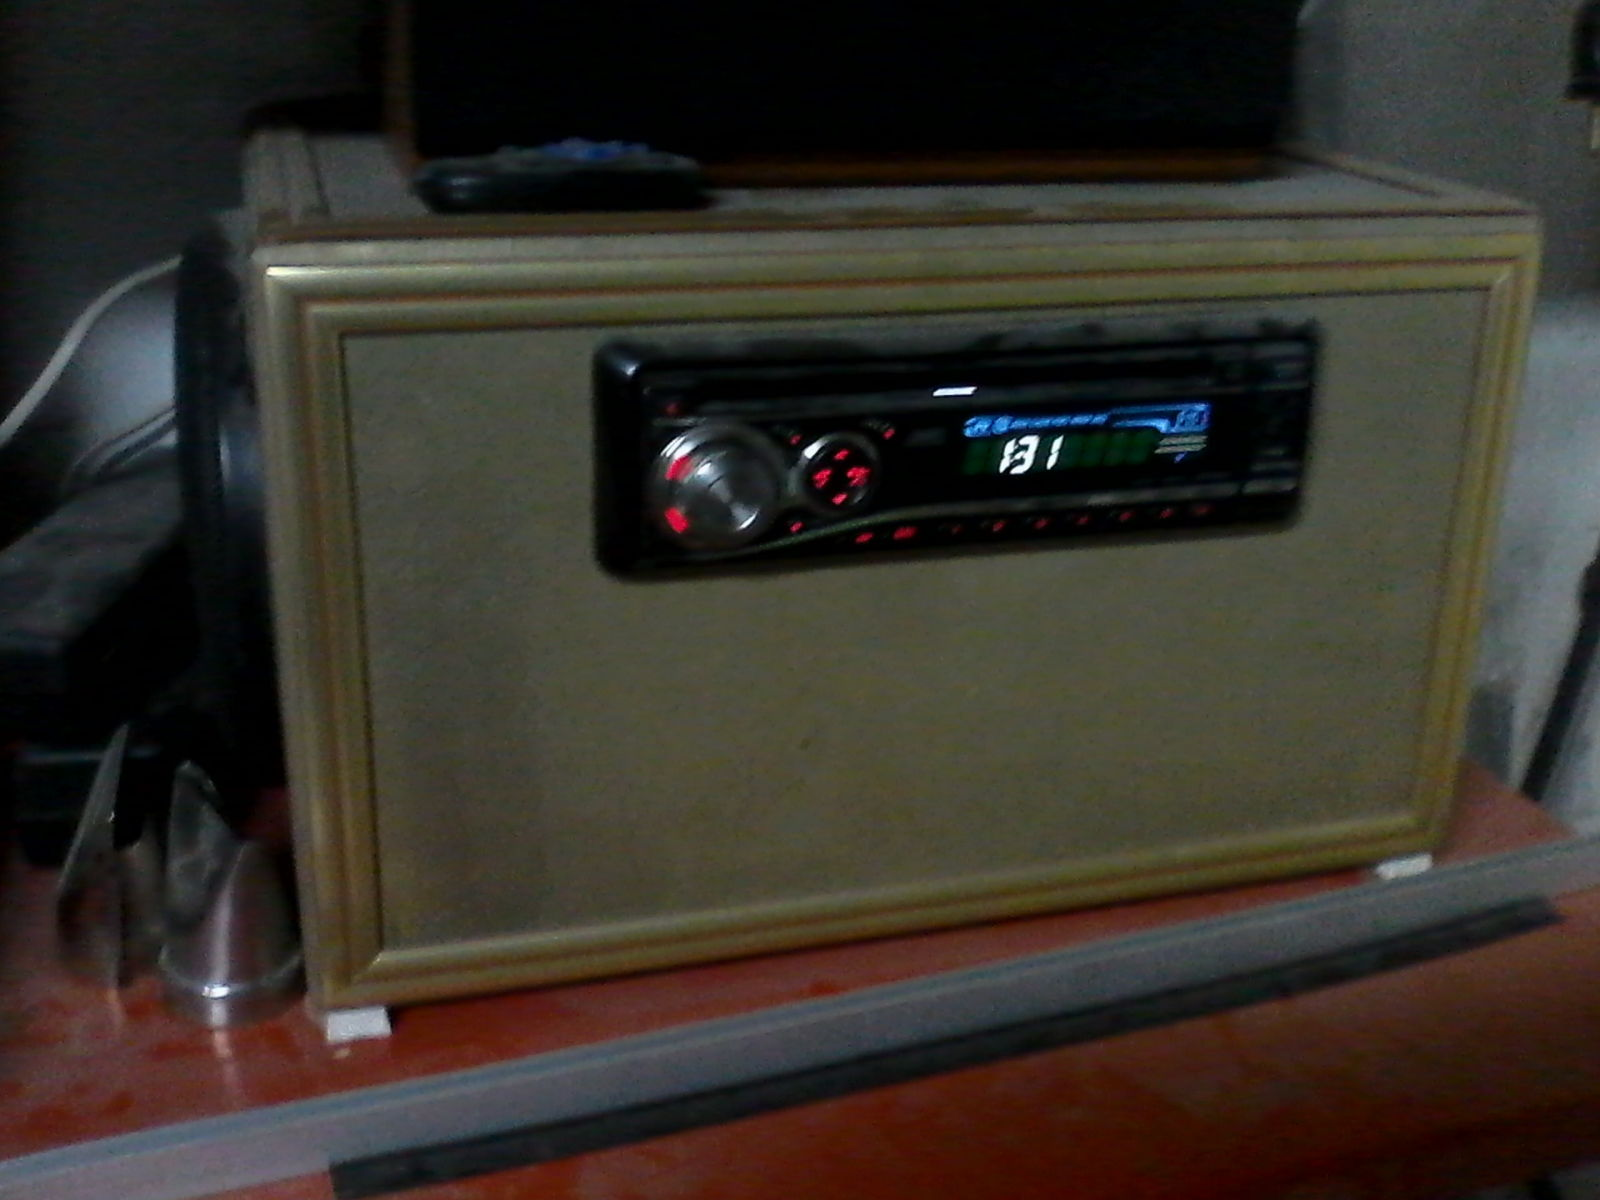 Подключение штатной магнитолы Toyota W58831 B7m7tx